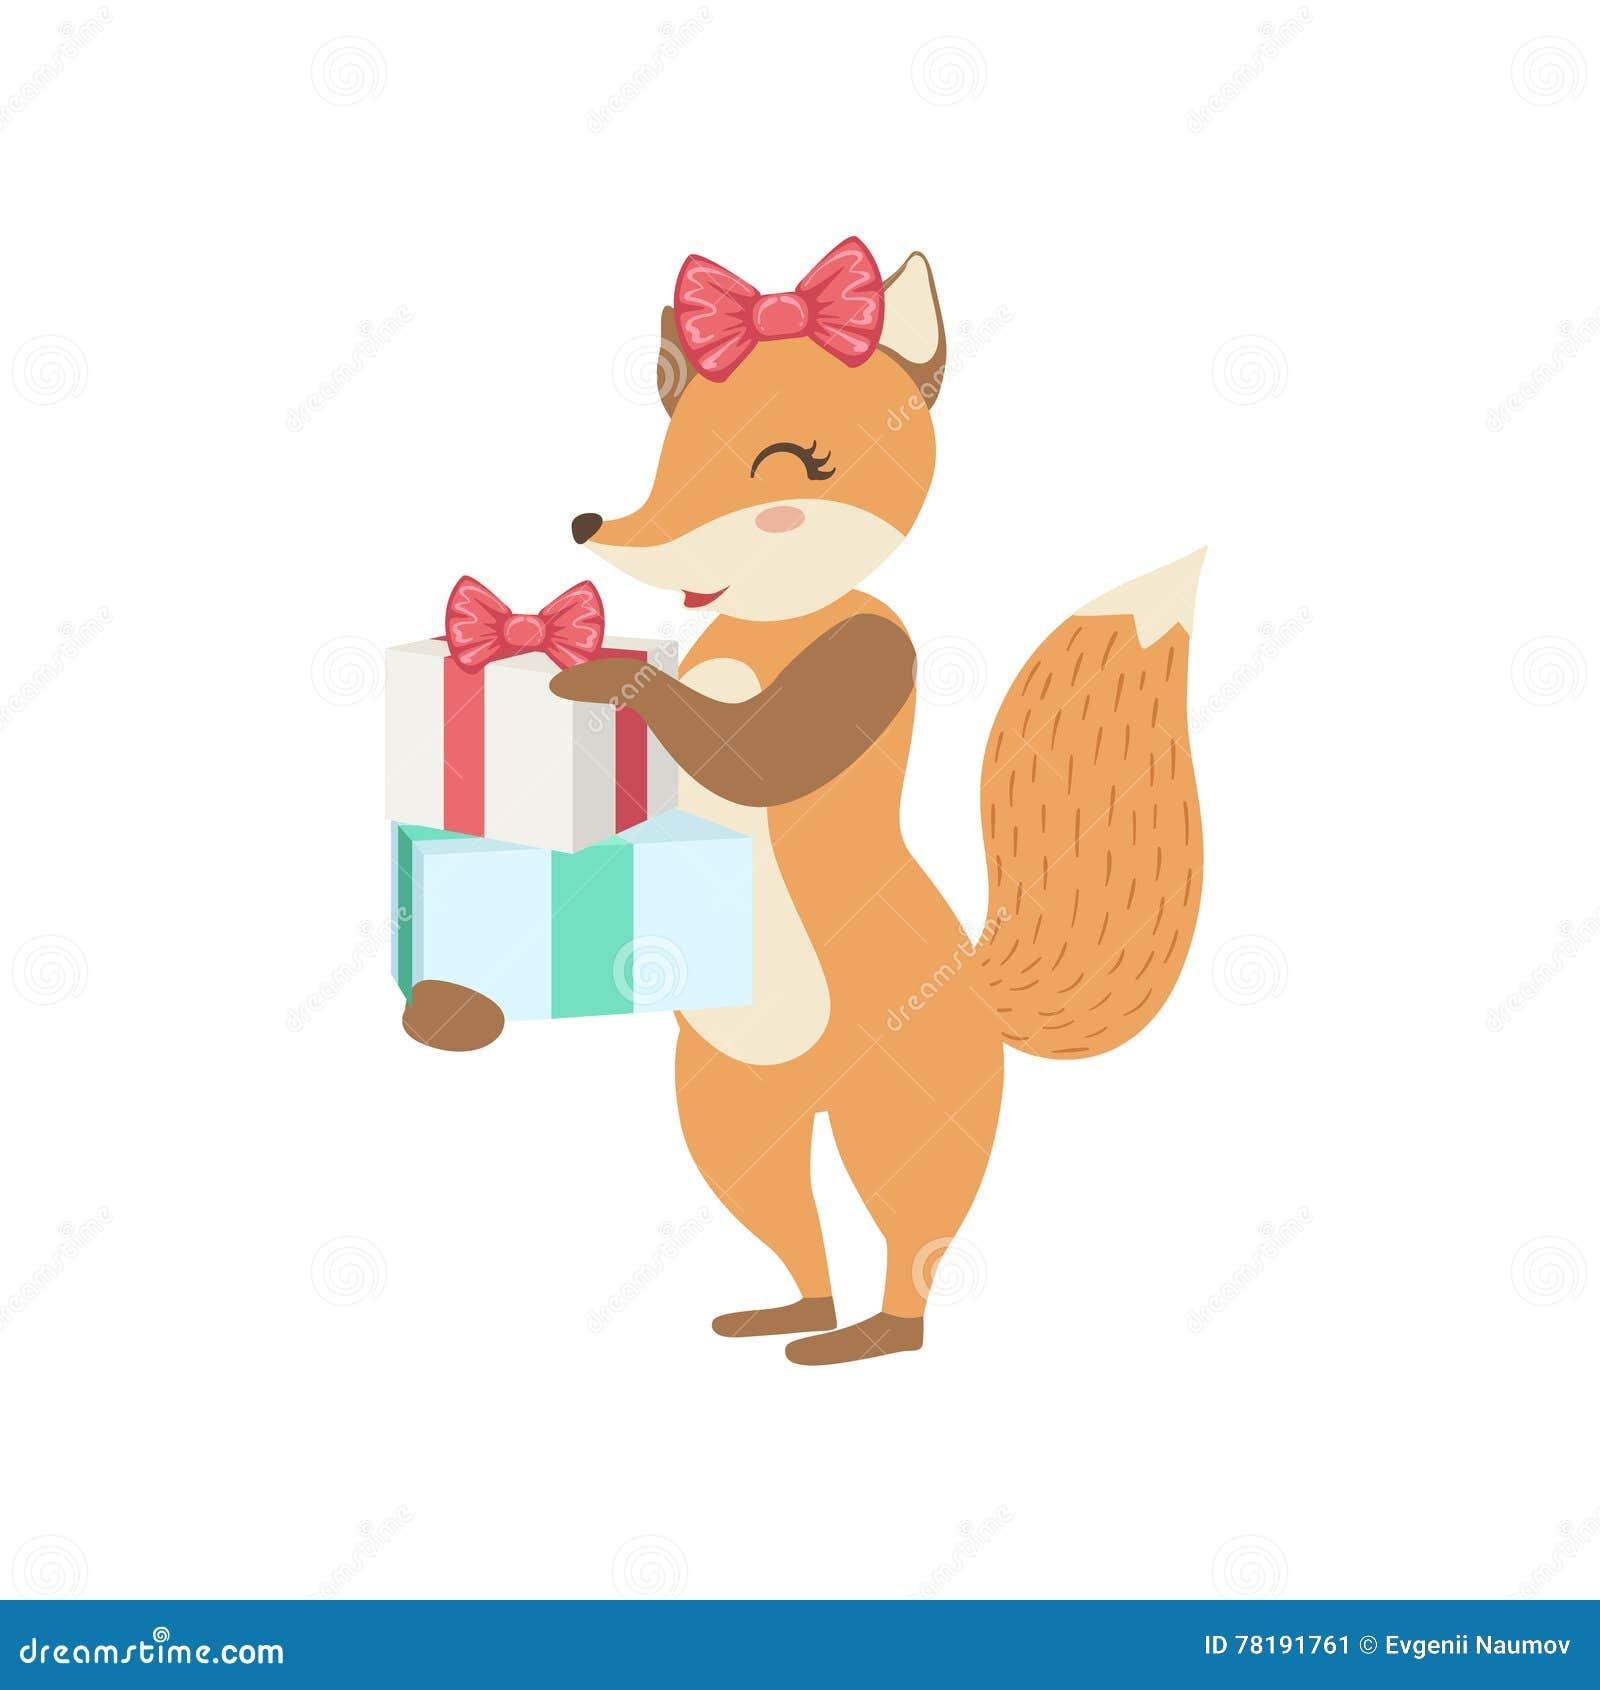 Grande Festa allo Zoo Occupazione Carattere-animale-sveglio-di-fox-che-assiste-alla-festa-di-compleanno-78191761